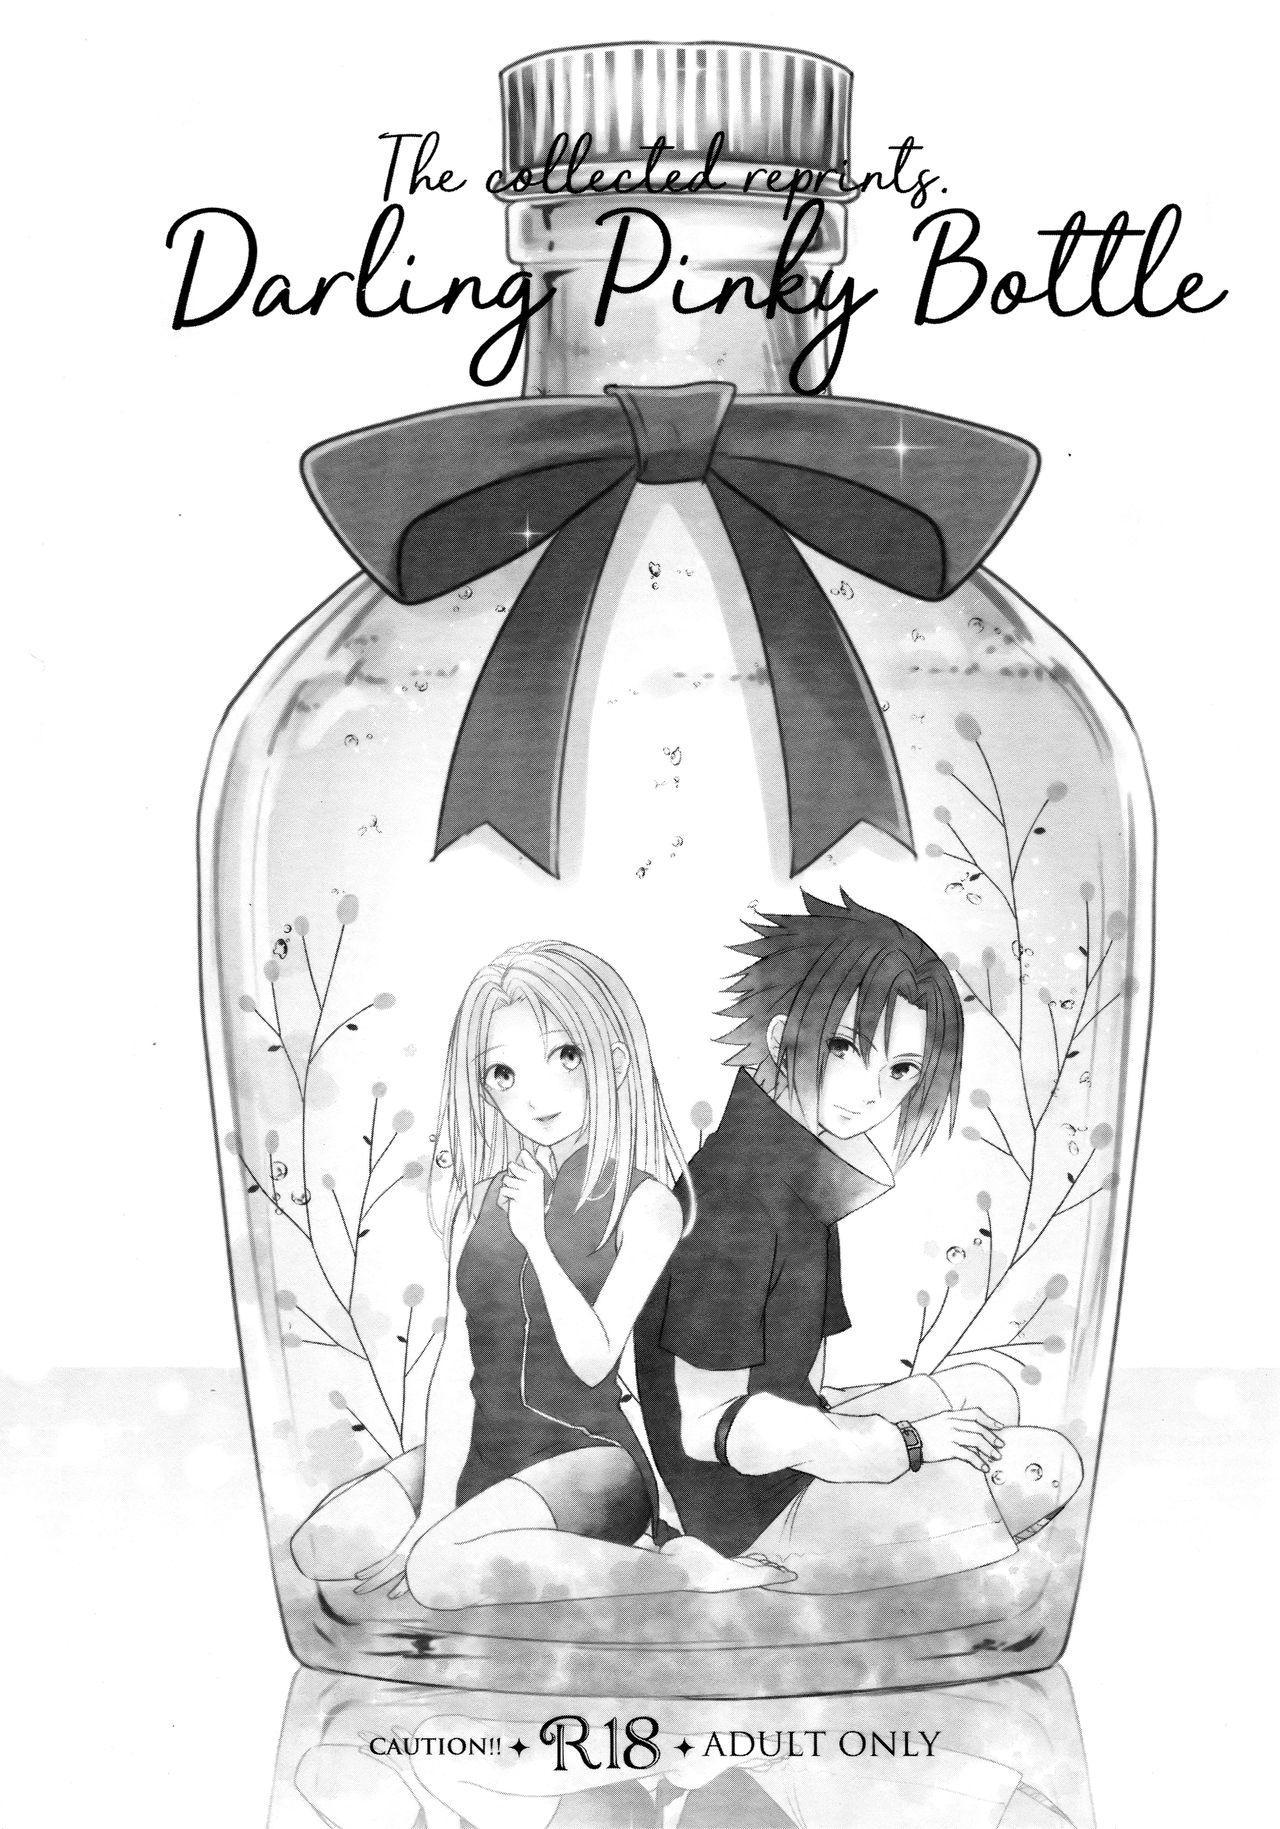 Darling Pinky Bottle 2